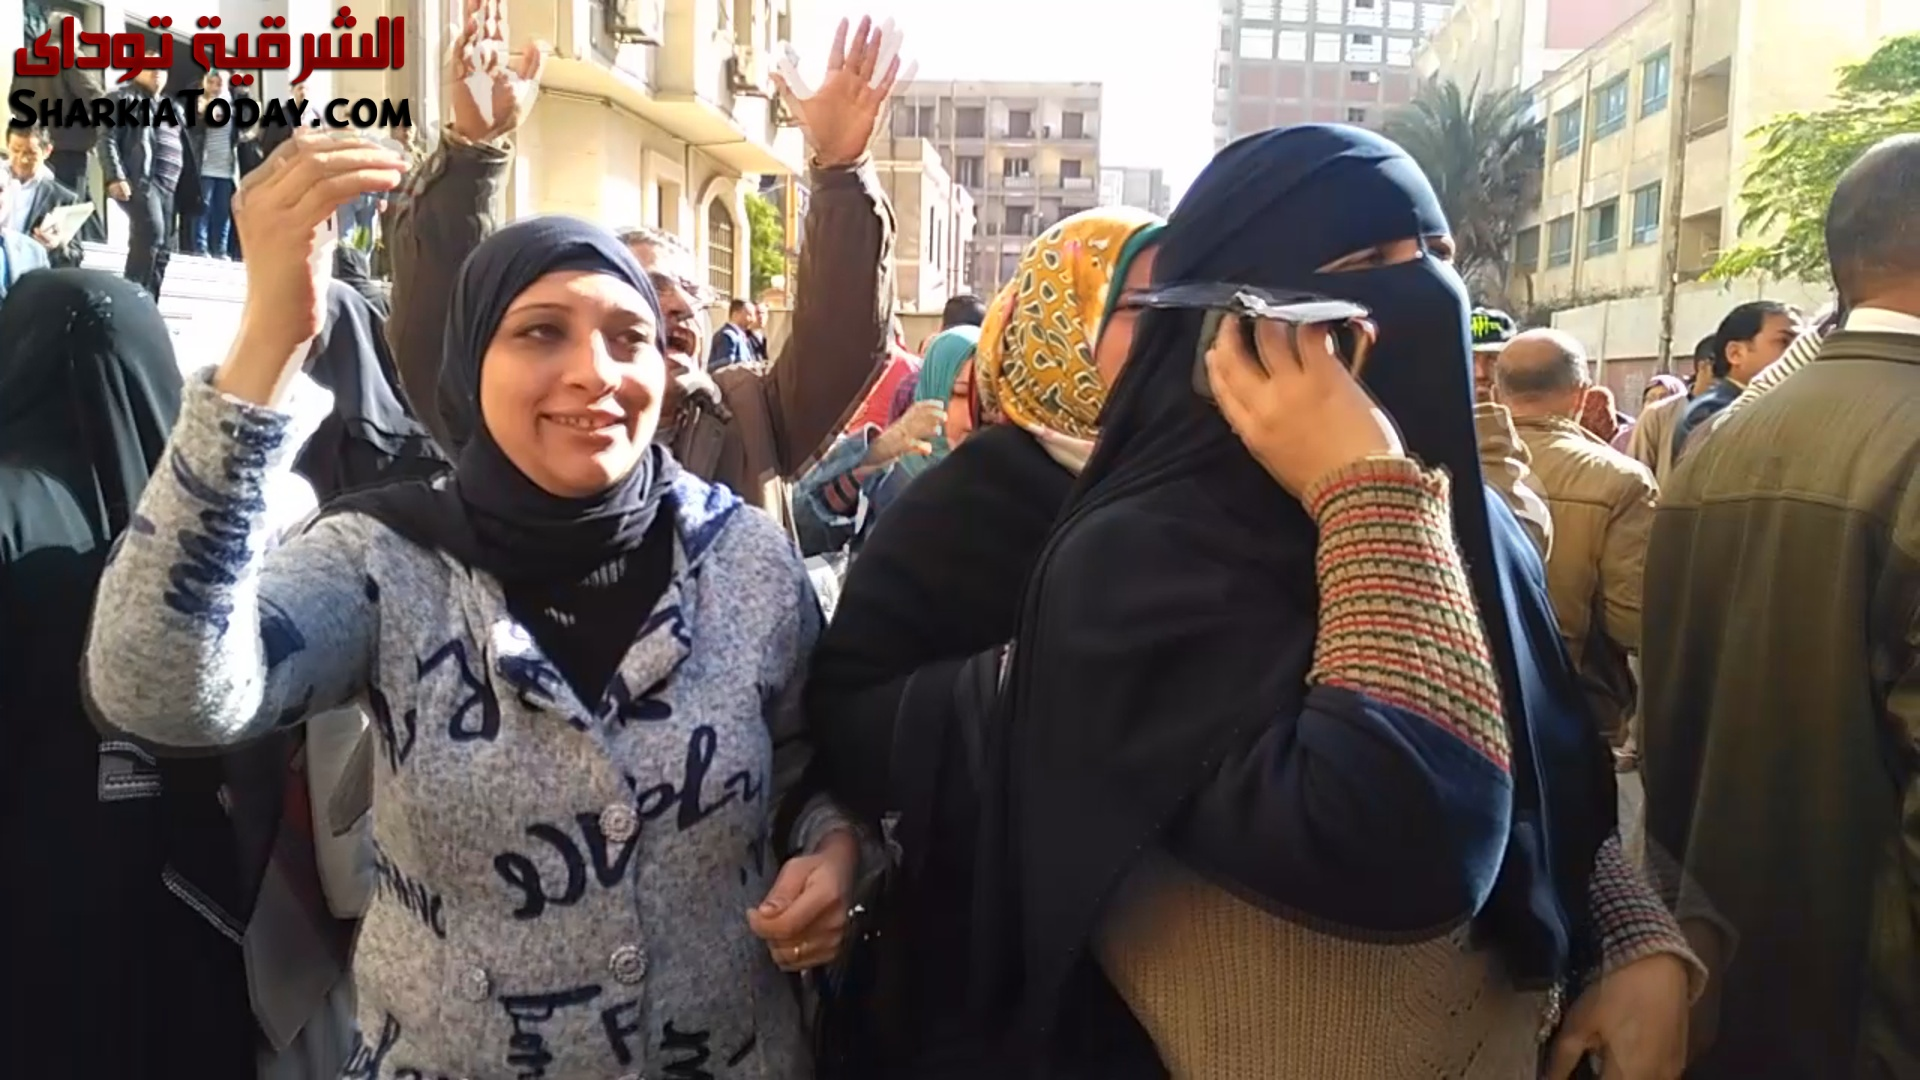 صورة فرحة عارمة بين عمال المحاجر بالشرقية بعد قرار القضاء رفض تخفيض رواتبهم